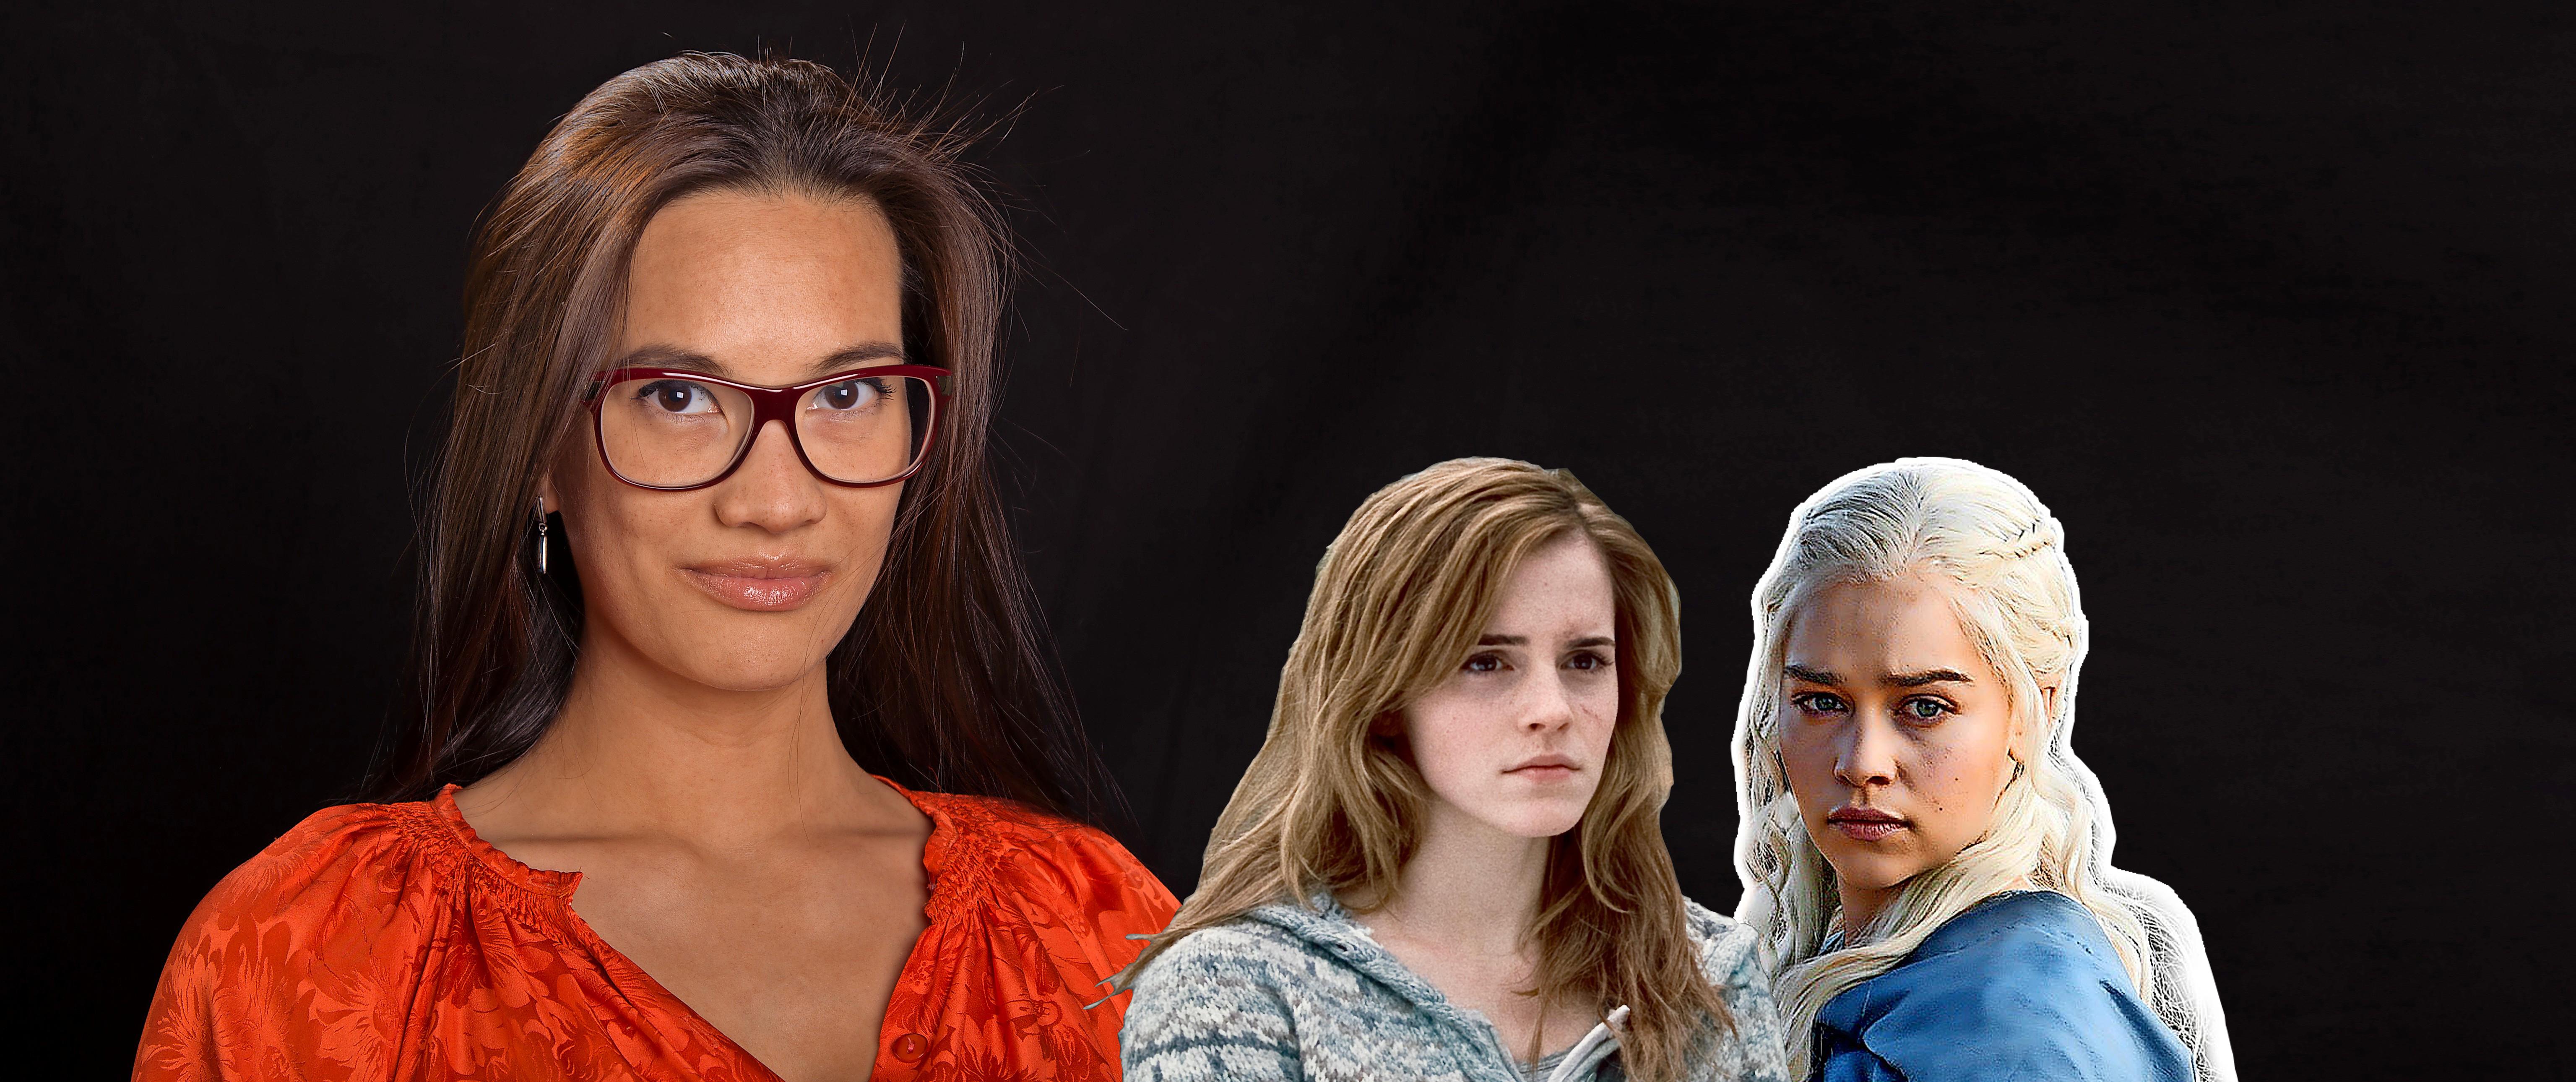 Diese Frau Ist Die Deutsche Stimme Von Emilia Clarke Und Emma Watson